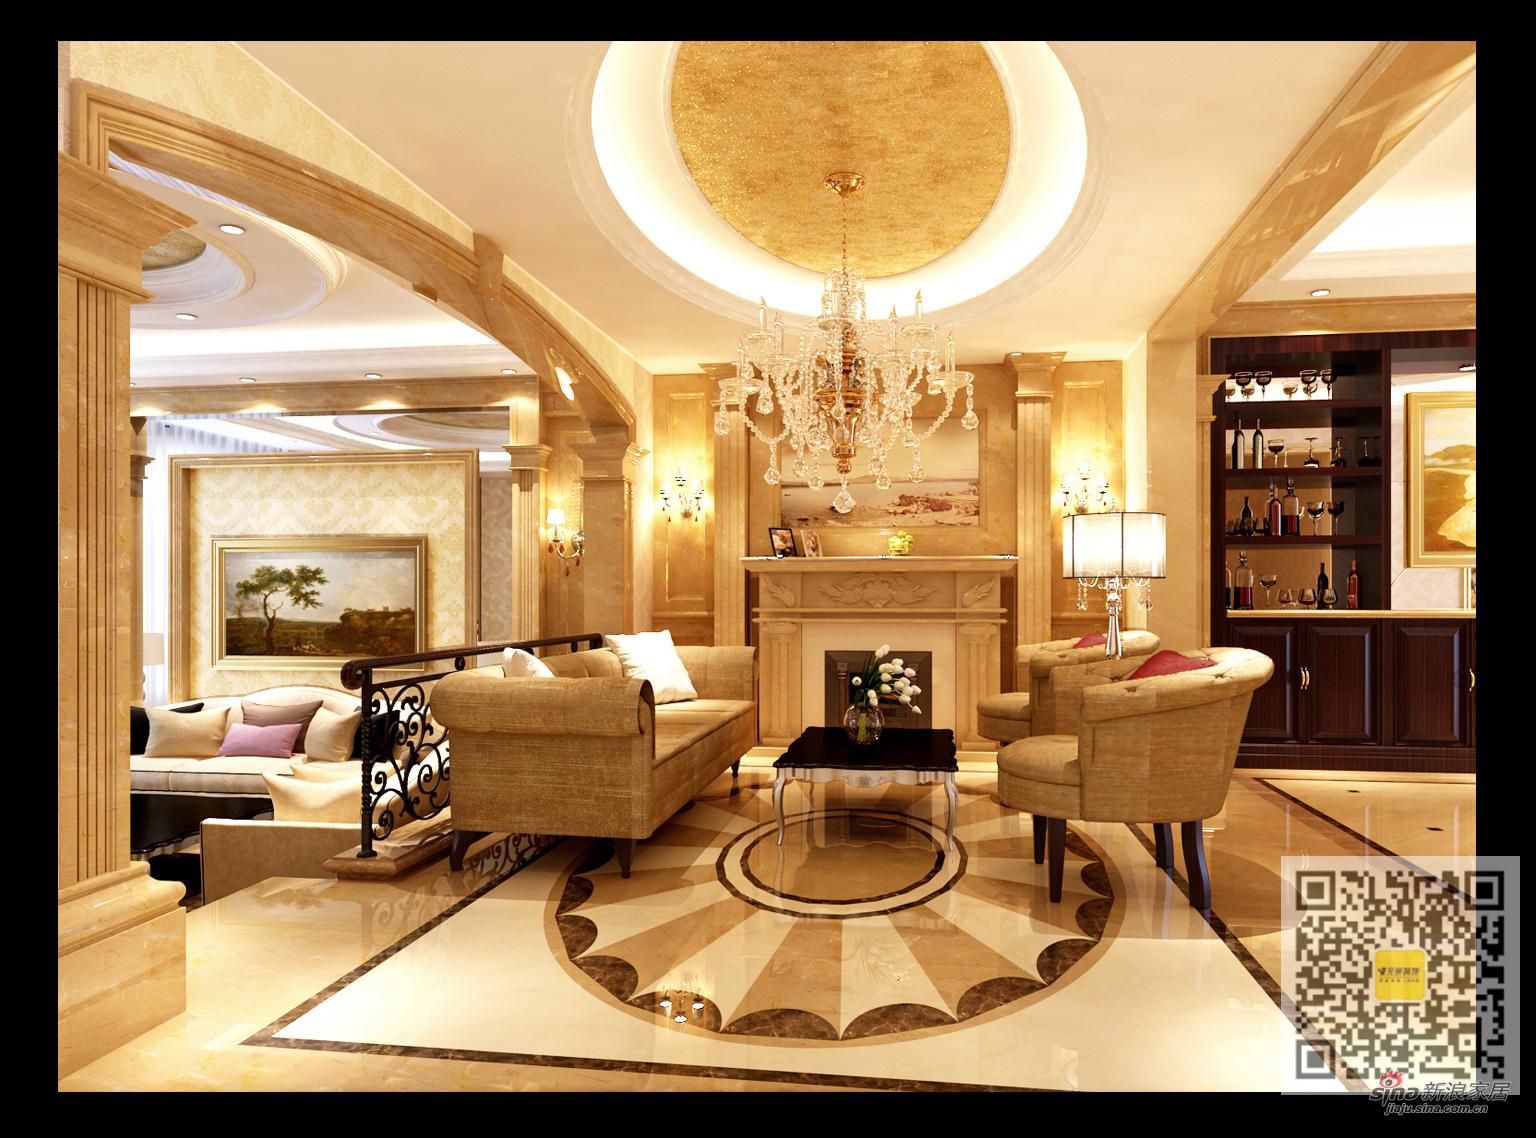 欧式 别墅 客厅图片来自用户2746948411在万通新新家园欧式风格别墅装修设计19的分享